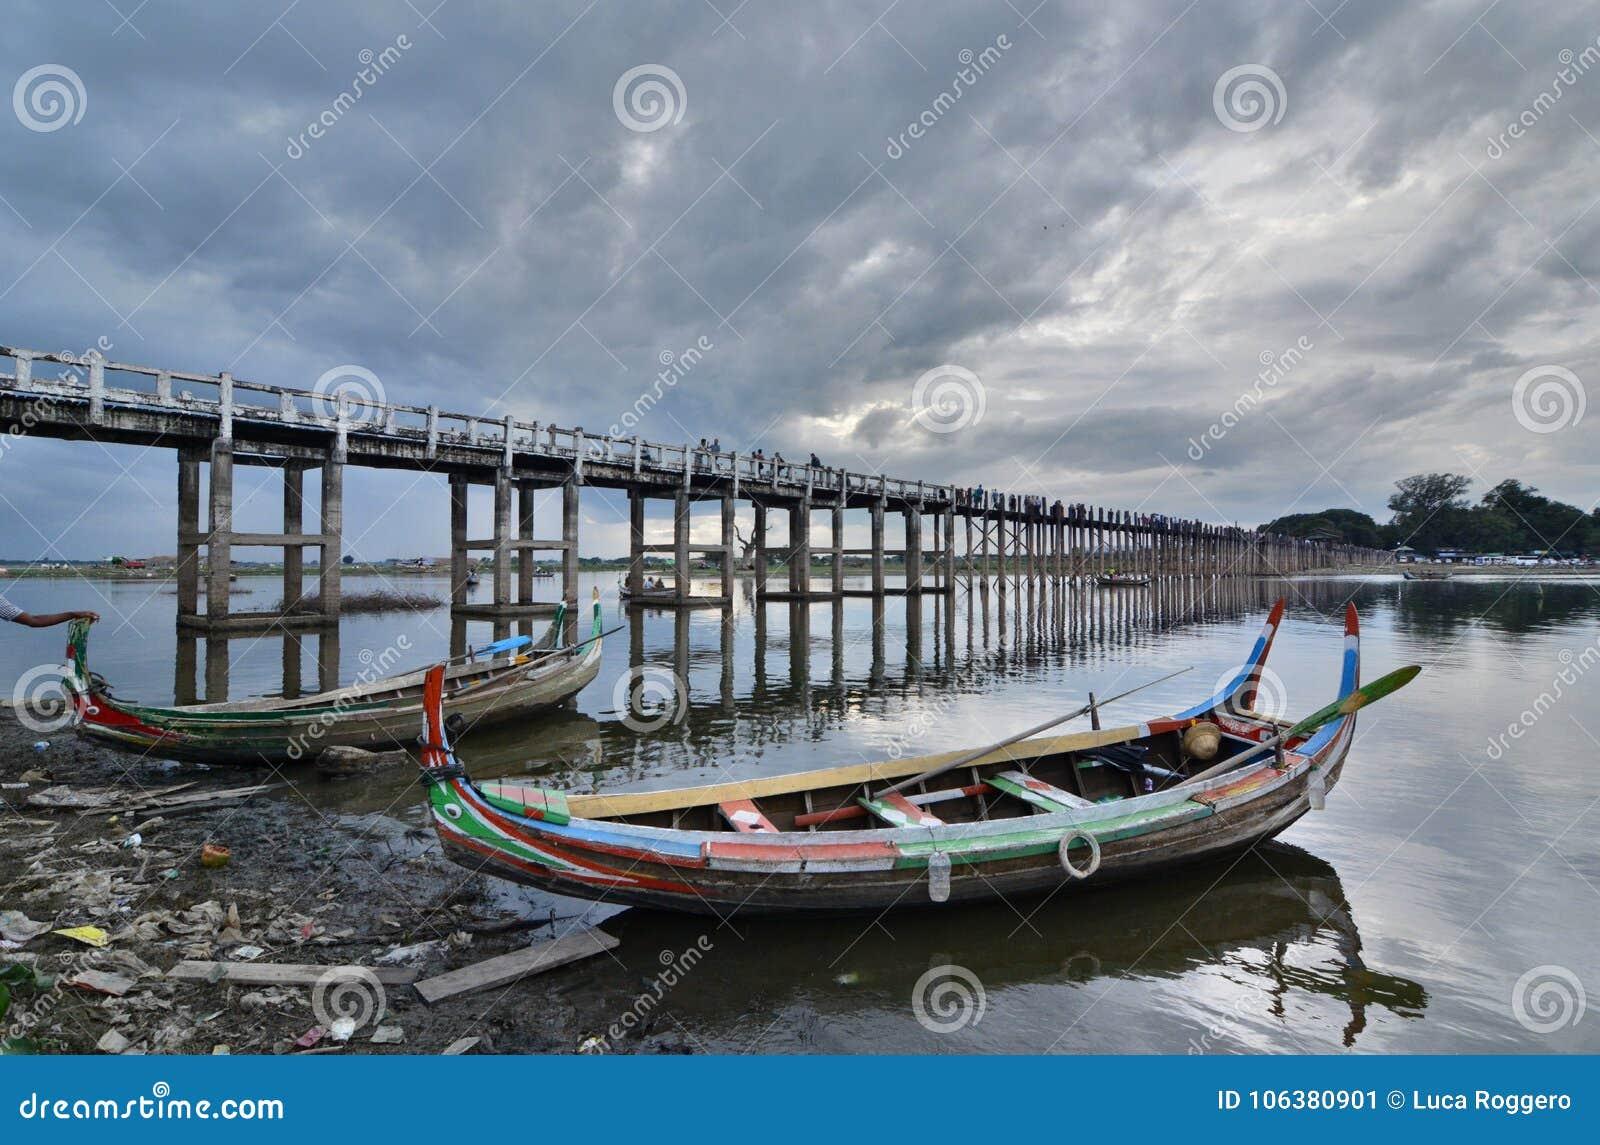 Barche tradizionali al ponte di U Bein Amarapura Regione di Mandalay myanmar